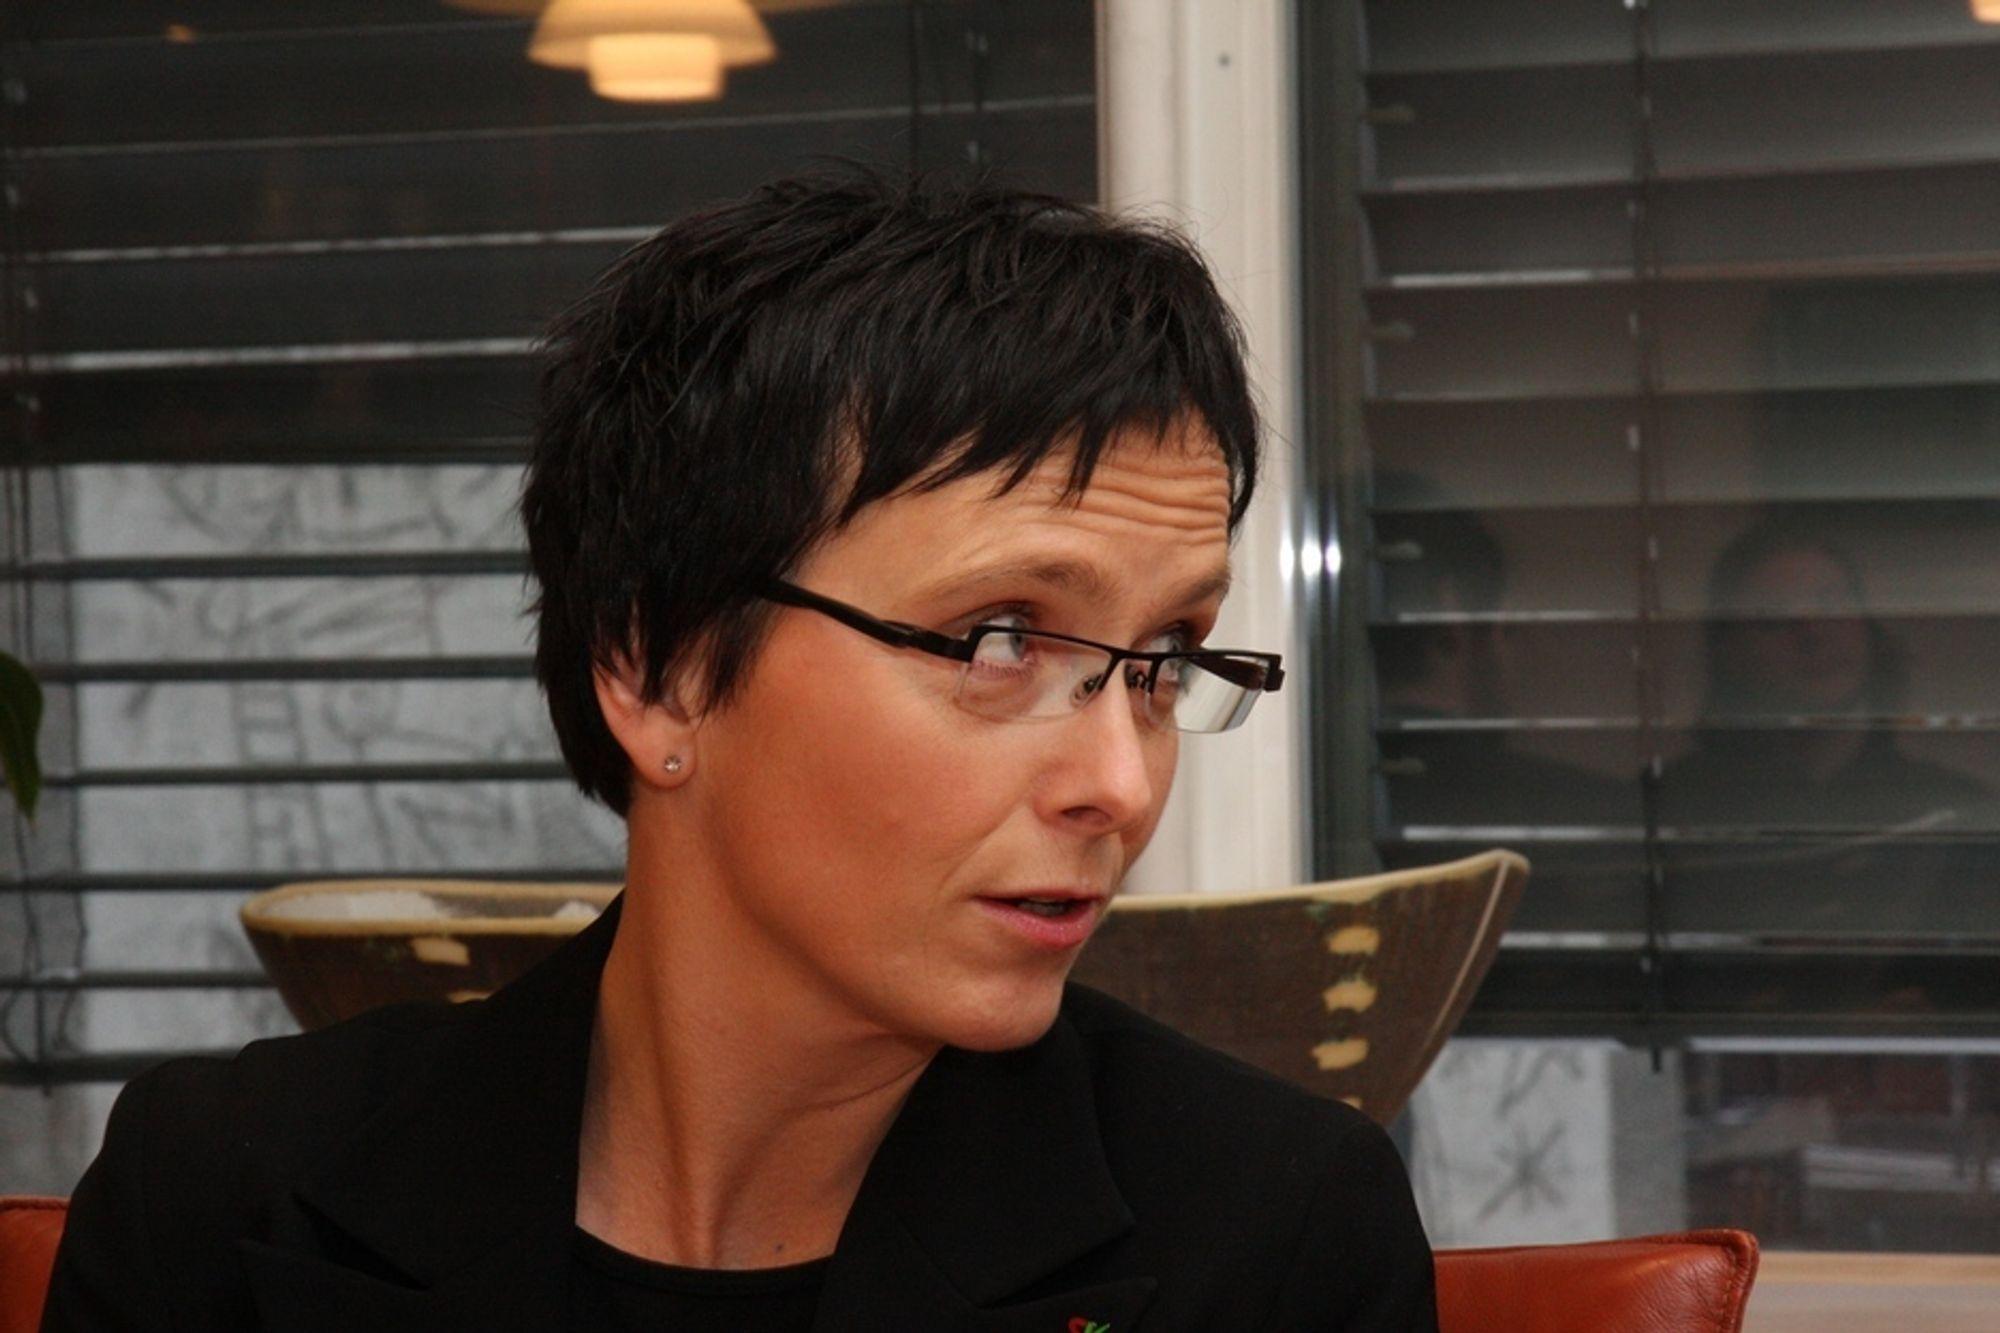 Sjekker: Fornyingsminister Heidi Grande Røys har gitt Konkurransetilsynet i oppdrag å finne ut om fri programvarepolitikken faktisk har noen hensikt.